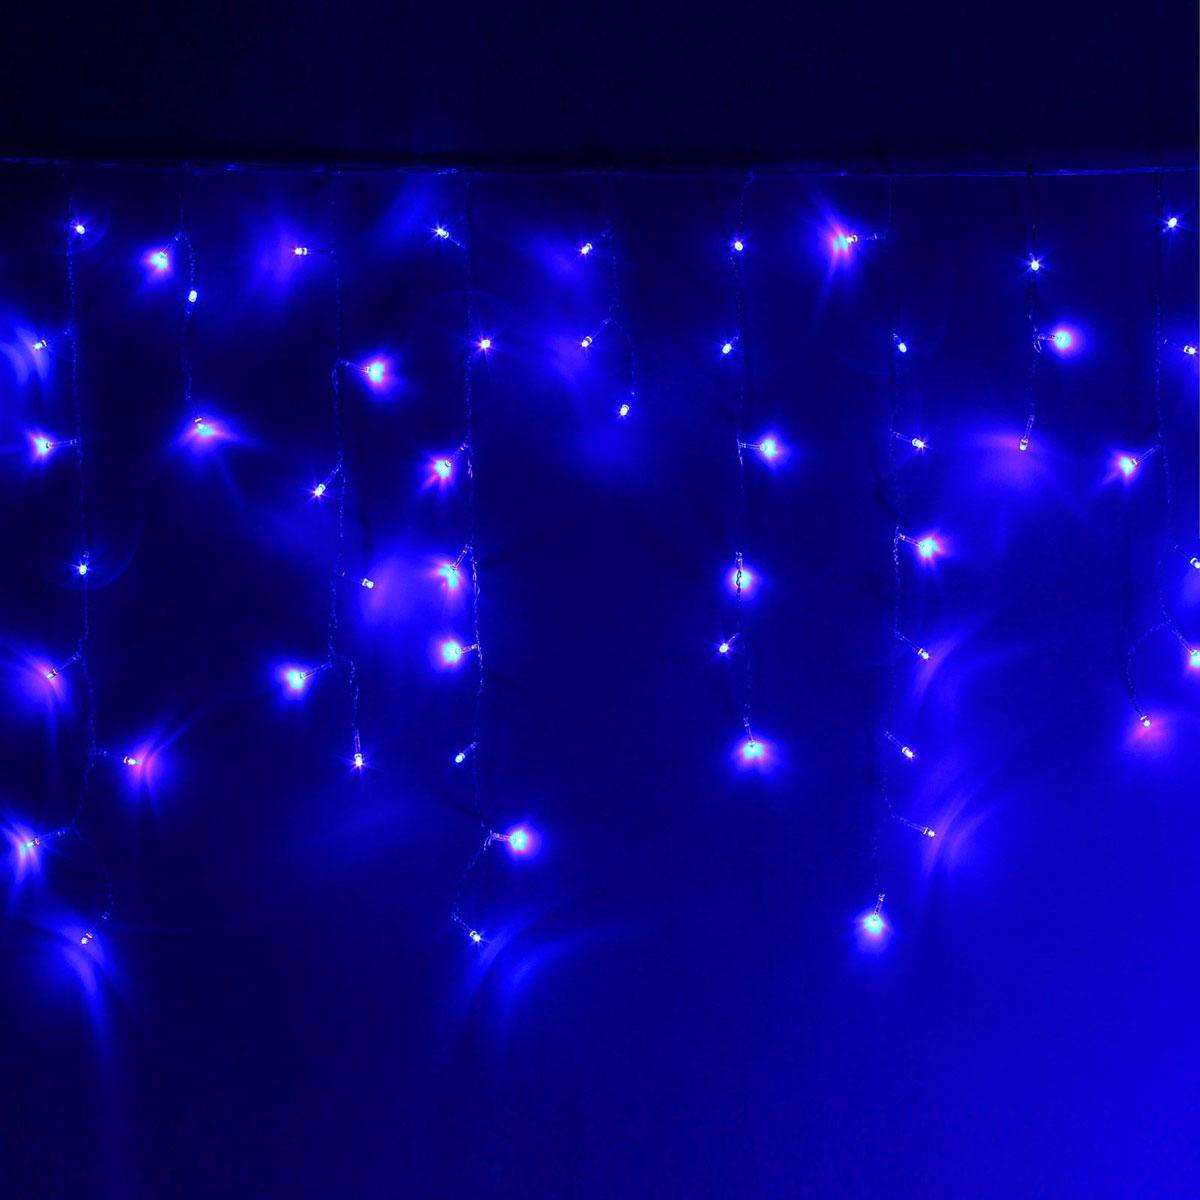 Гирлянда светодиодная Luazon Бахрома, 8 режимов, 299 ламп, 220 V, цвет: синий, 5,2 х 0,6 м. 10804211080421Светодиодные гирлянды, ленты и т.д — это отличный вариант для новогоднего оформления интерьера или фасада. С их помощью помещение любого размера можно превратить в праздничный зал, а внешние элементы зданий, украшенные ими, мгновенно станут напоминать очертания сказочного дворца. Такие украшения создают ауру предвкушения чуда. Деревья, фасады, витрины, окна и арки будто специально созданы, чтобы вы украсили их светящимися нитями.